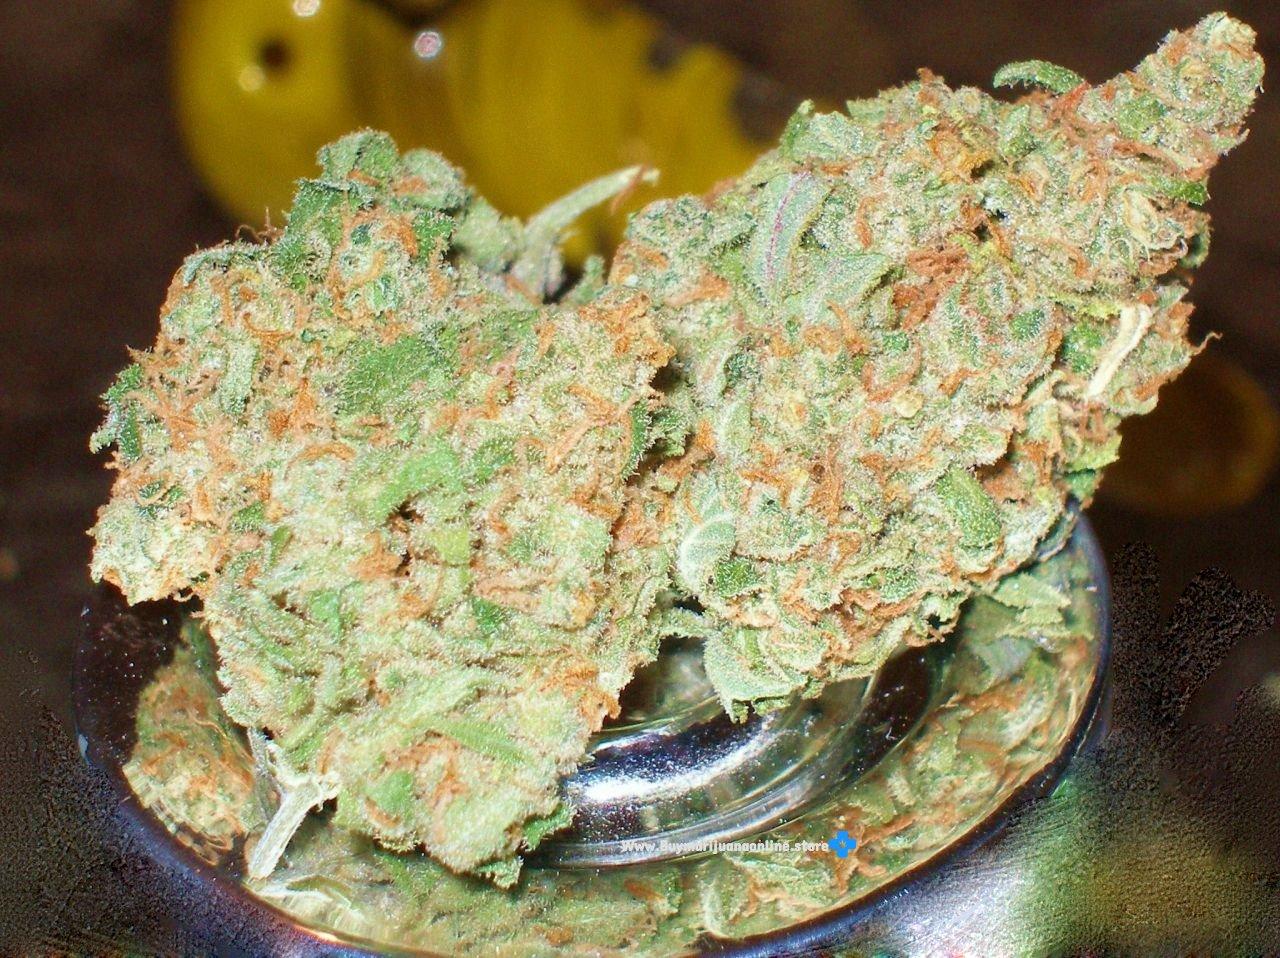 Buy Northern Lights Online-marijuana for sale-buying marijuana